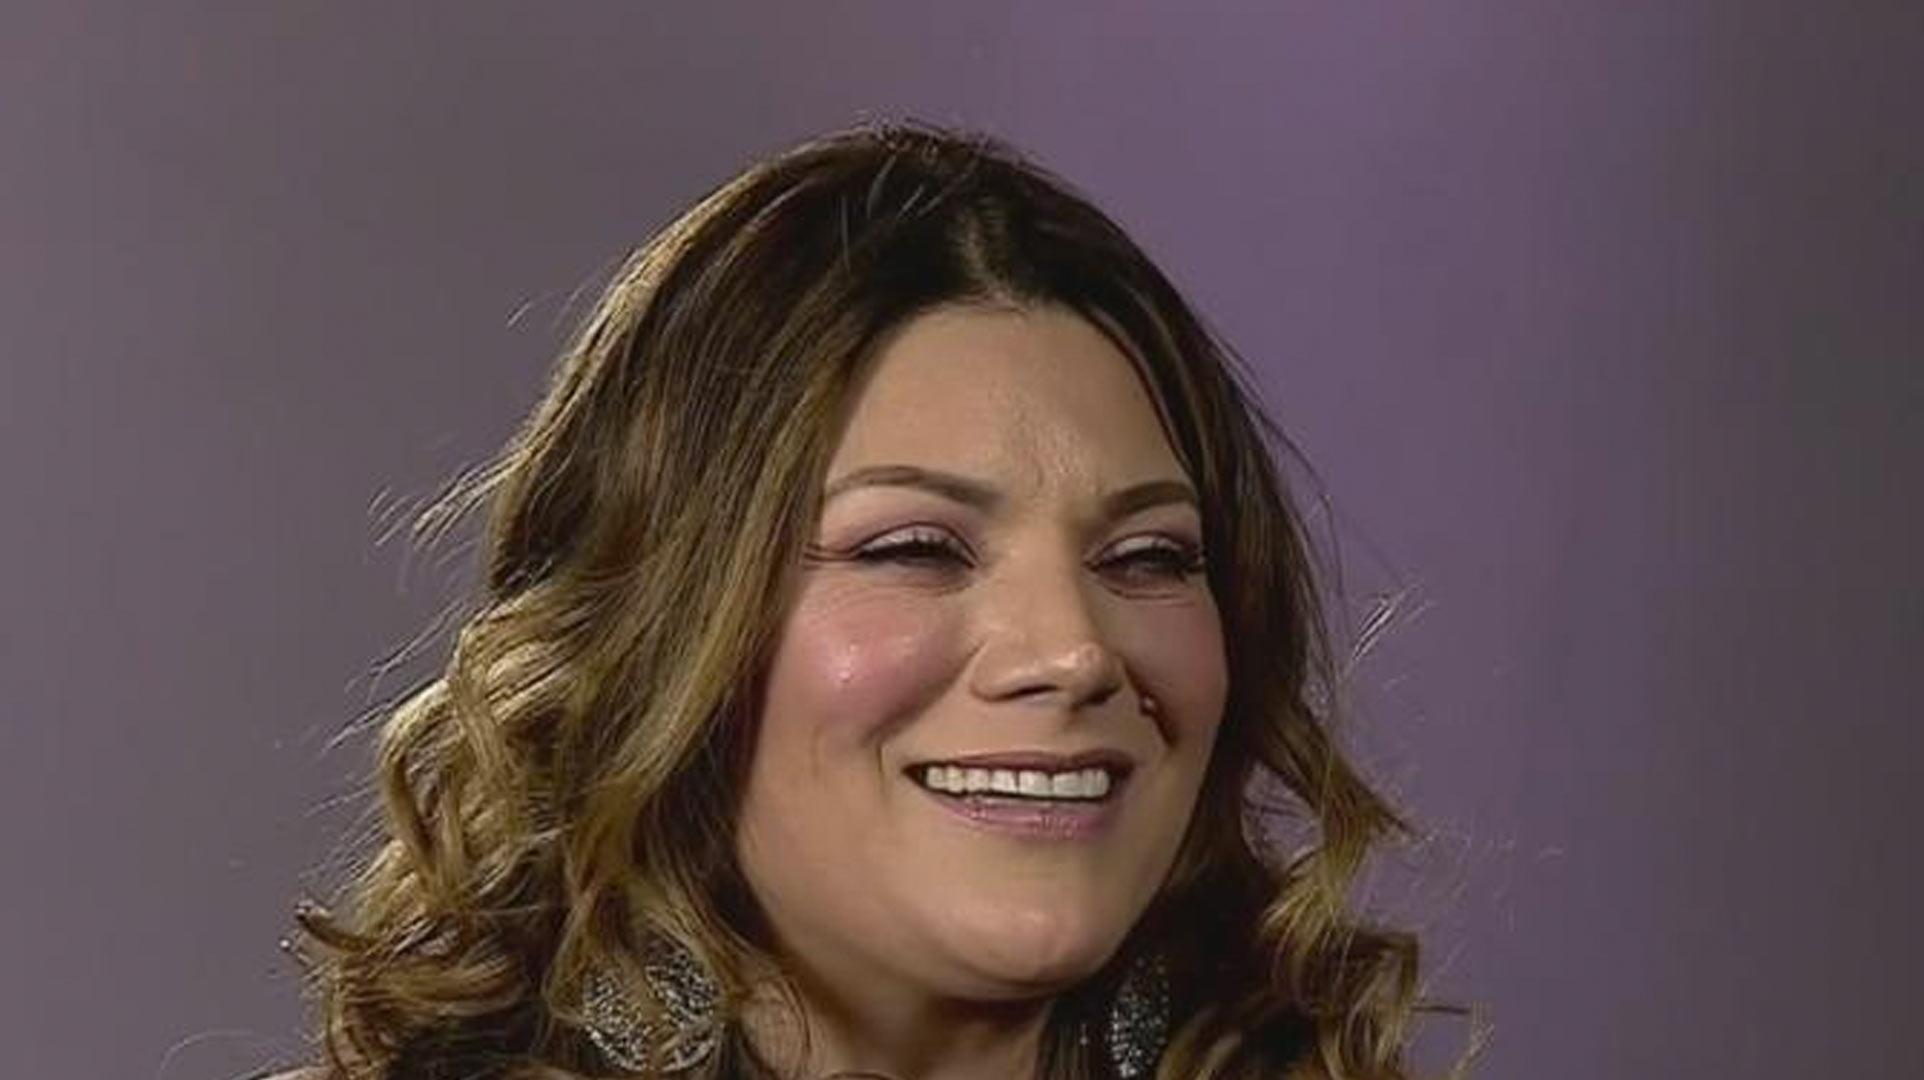 Pilar Ruiz Desnuda en la Cama (fotos) Neiked]